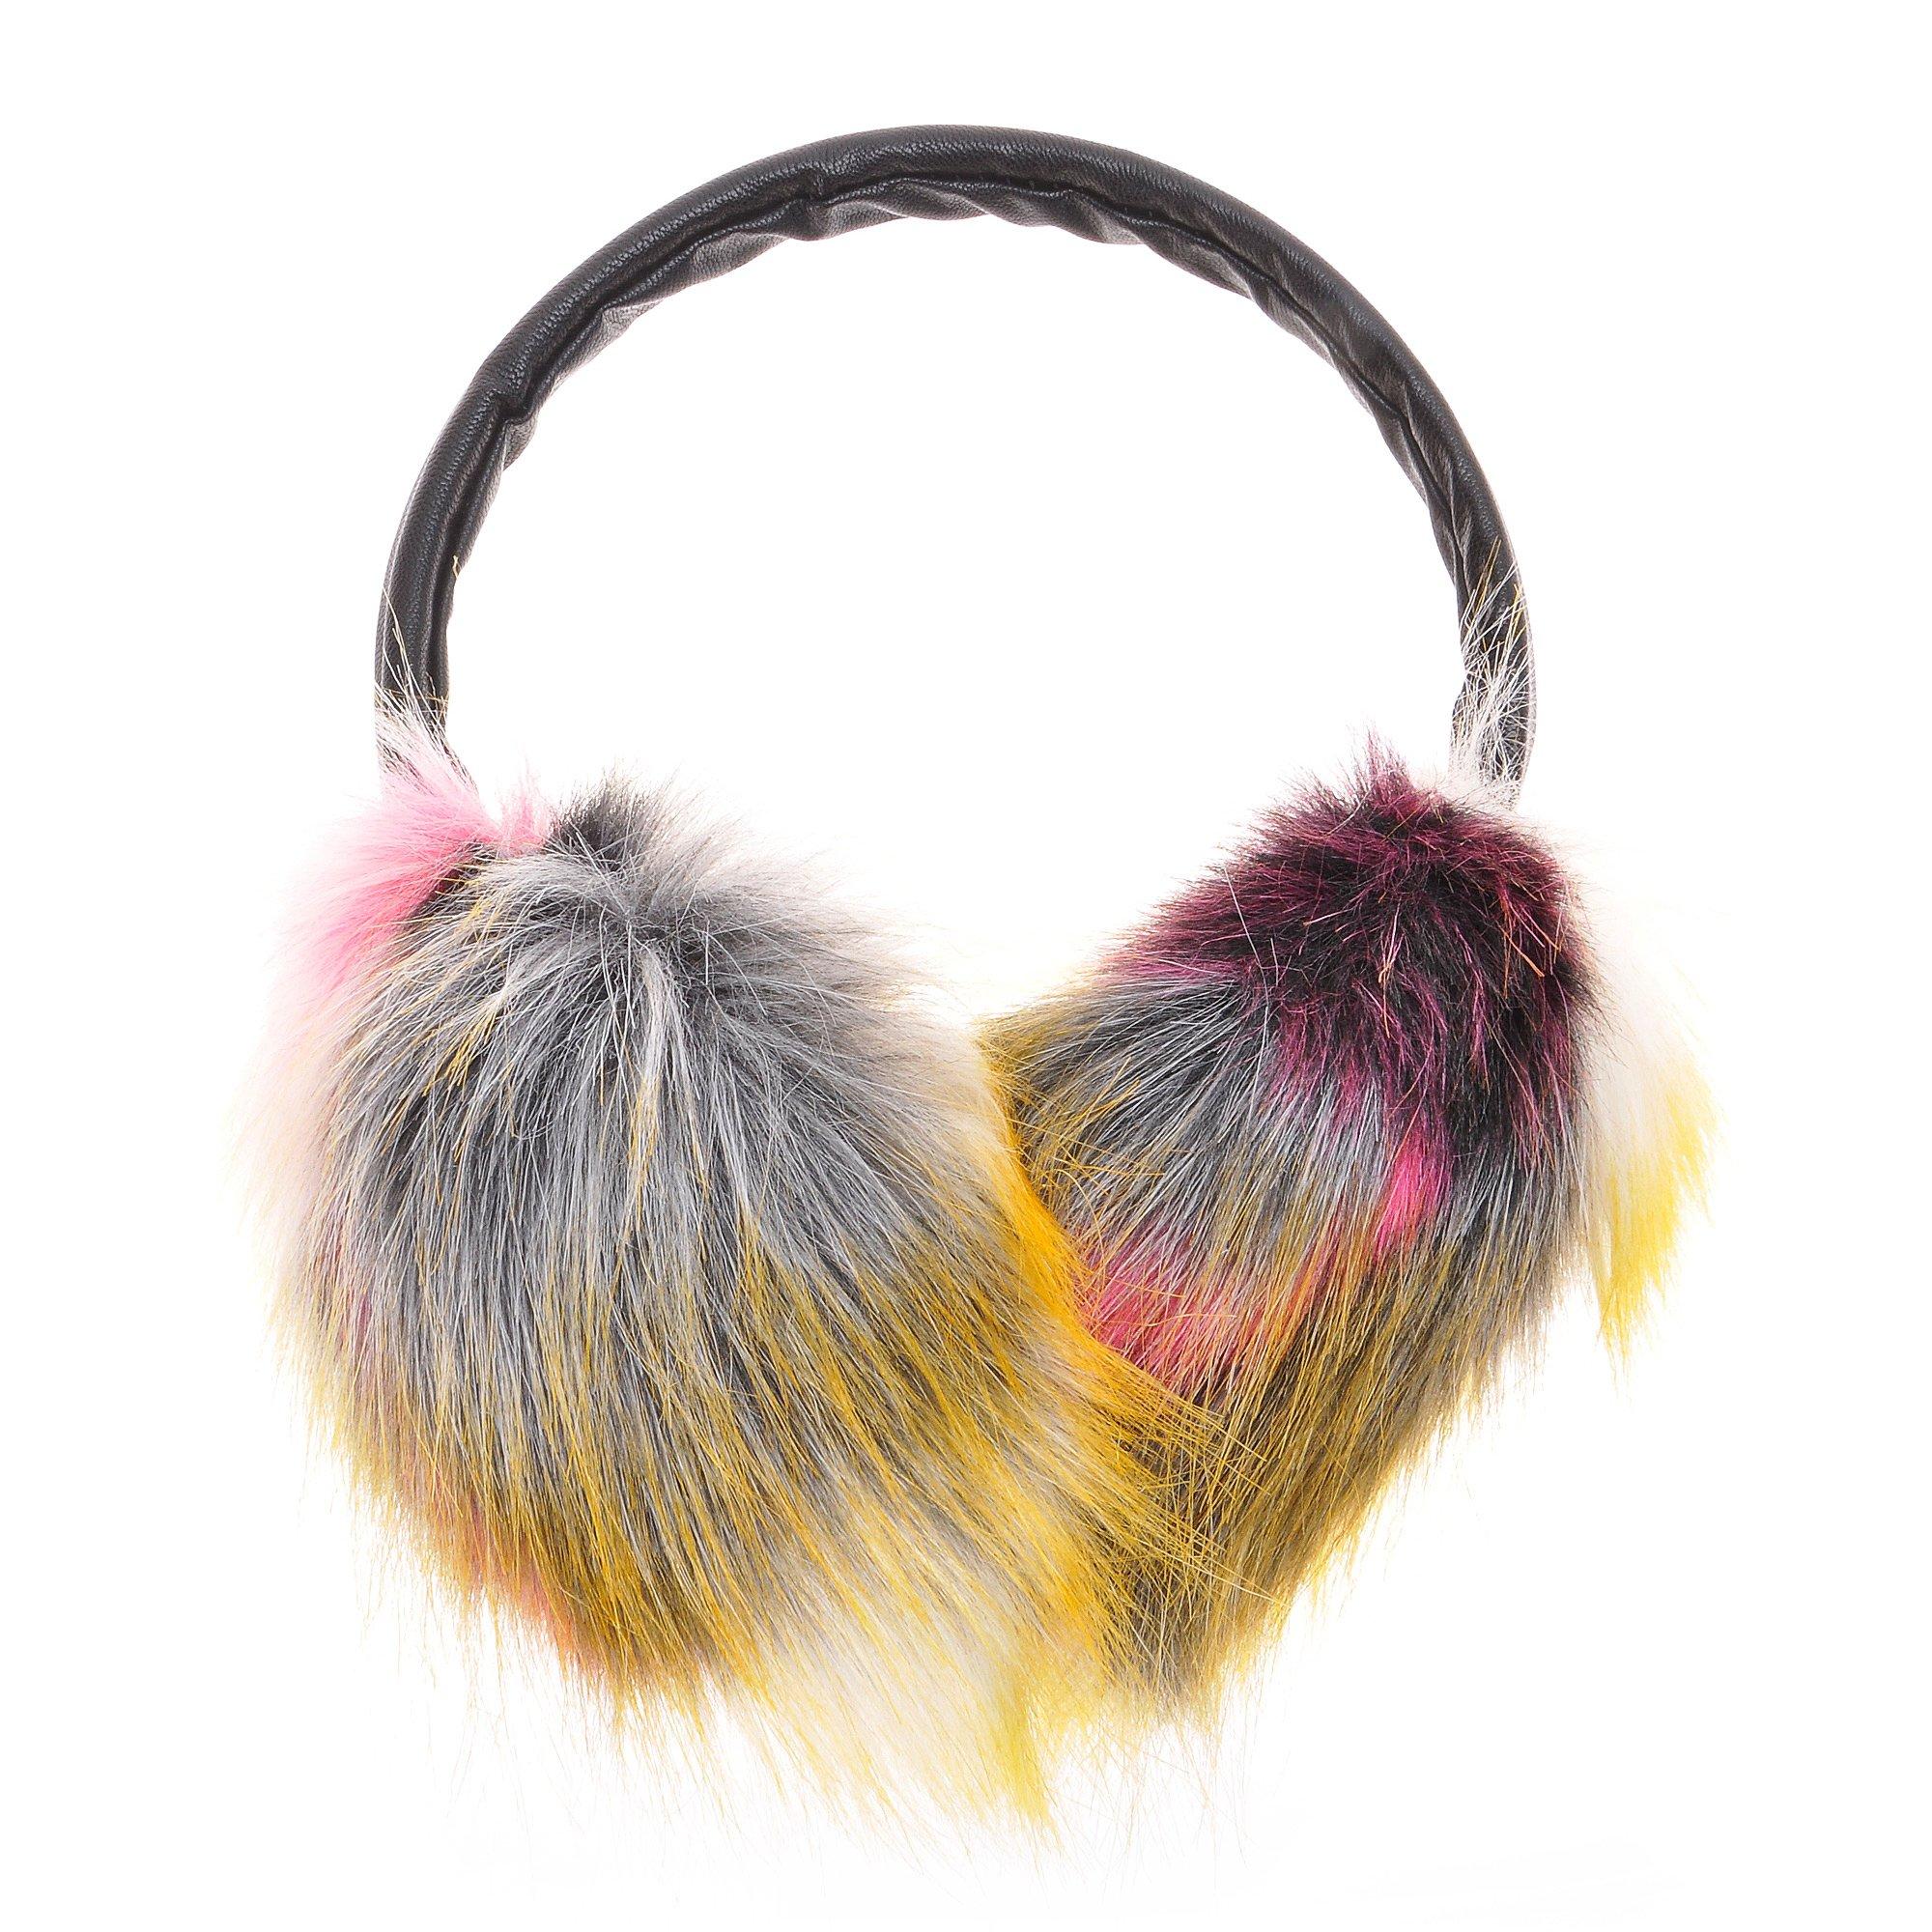 ZLYC Womens Girls Winter Fashion Dye Neon Color Faux Fur EarMuffs Adjustable Ear Warmers, Pink